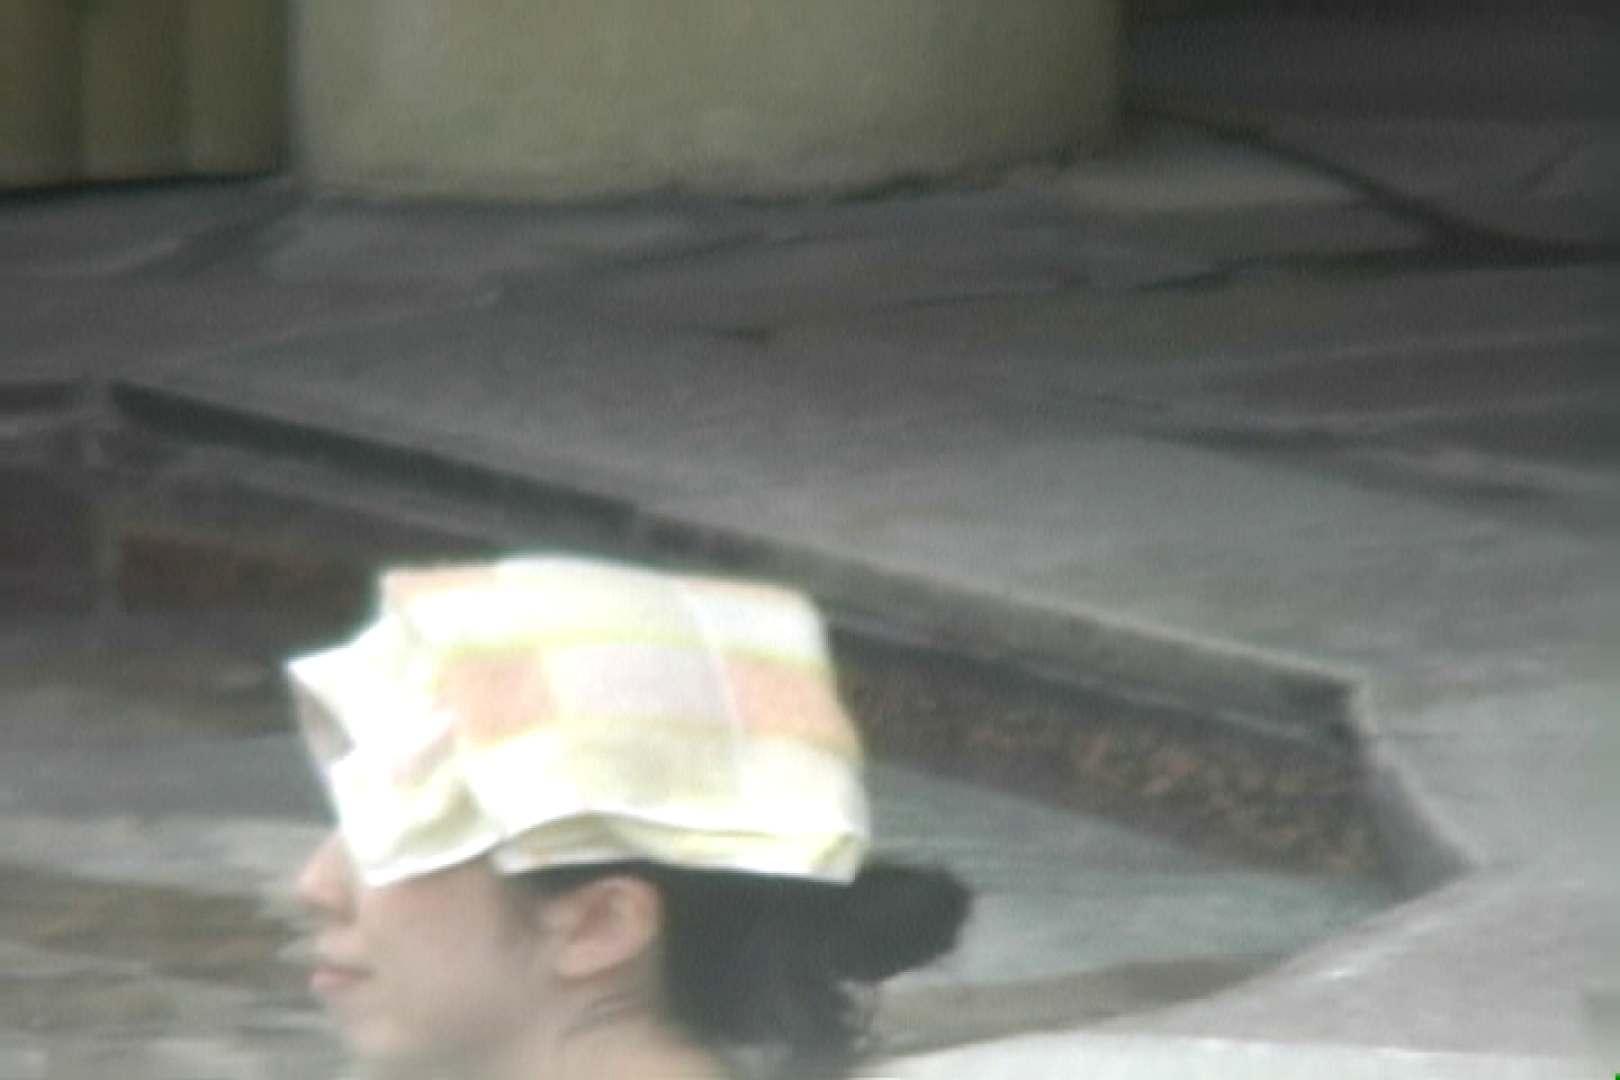 高画質露天女風呂観察 vol.007 OLエロ画像 のぞきおめこ無修正画像 97PICs 2